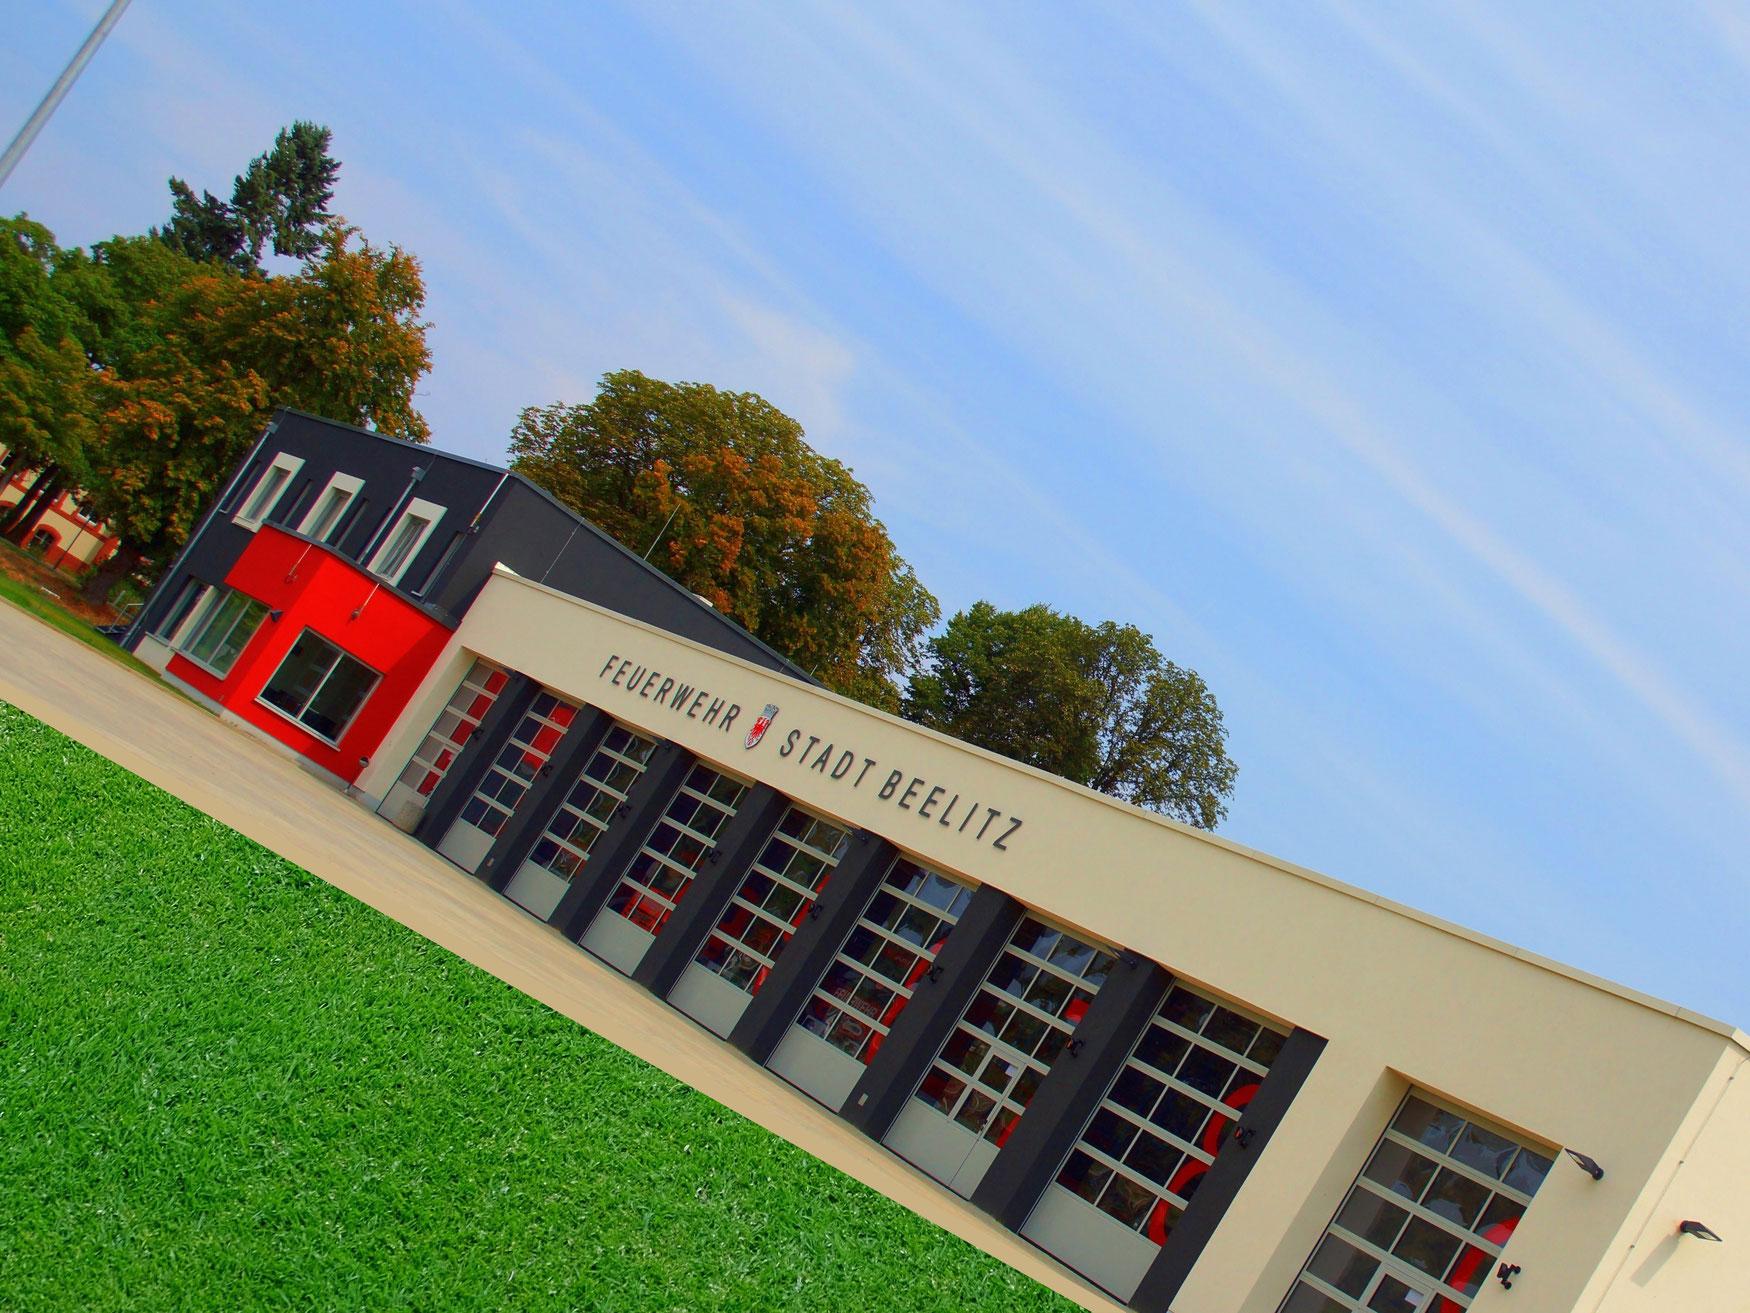 Beelitz Feuerwehr Stützpunktfeuerwehr freiwillige Feuerwehr Stadt Beelitz web-bb